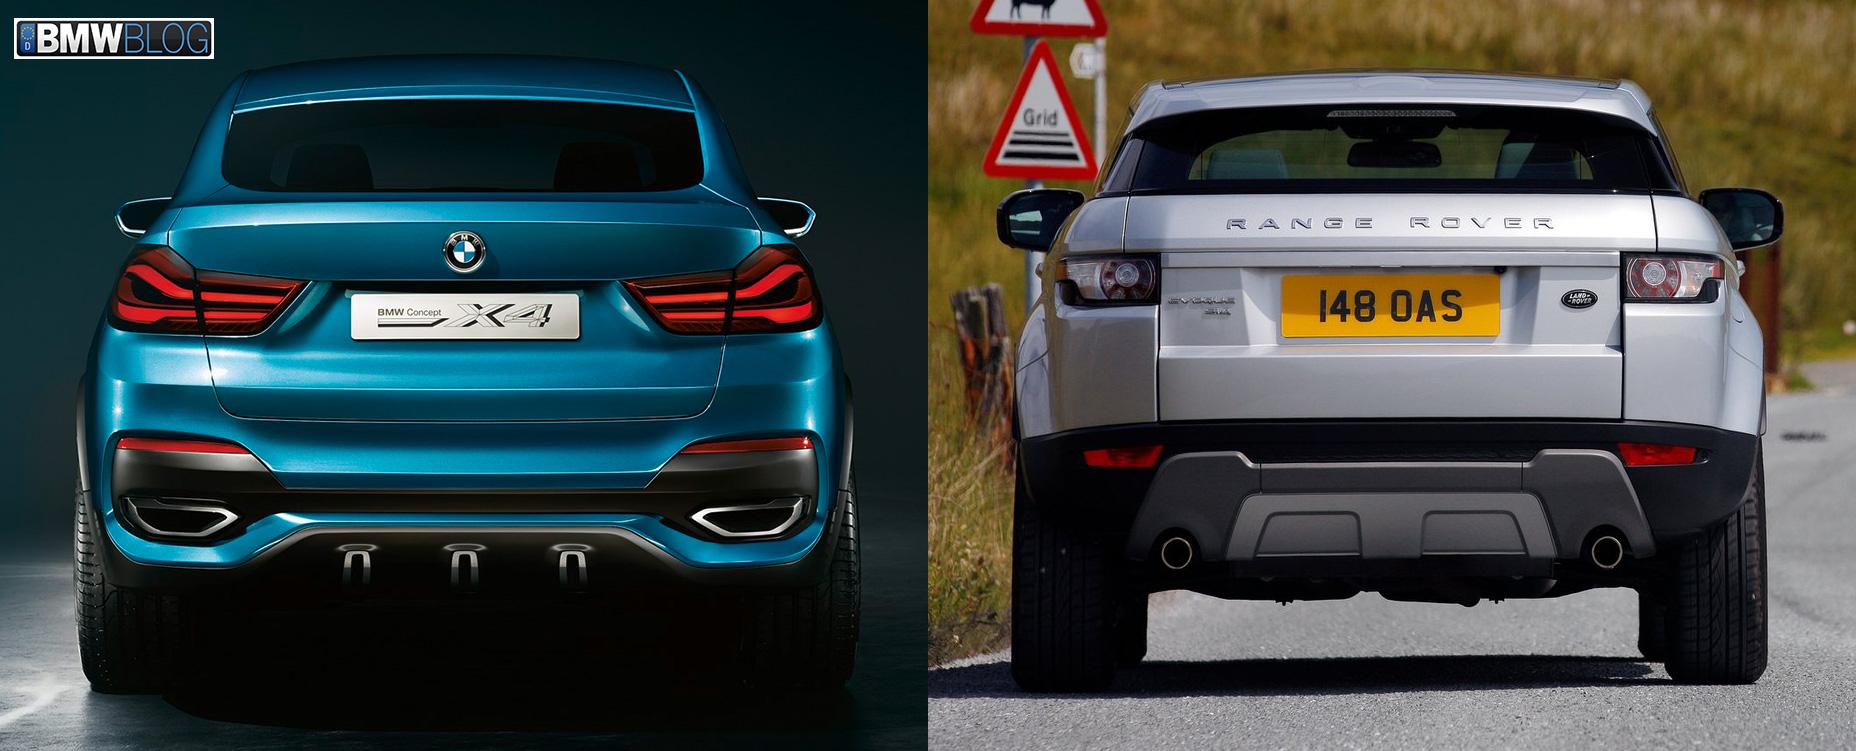 Bmw X4 Vs Range Rover Evoque Photo Comparison